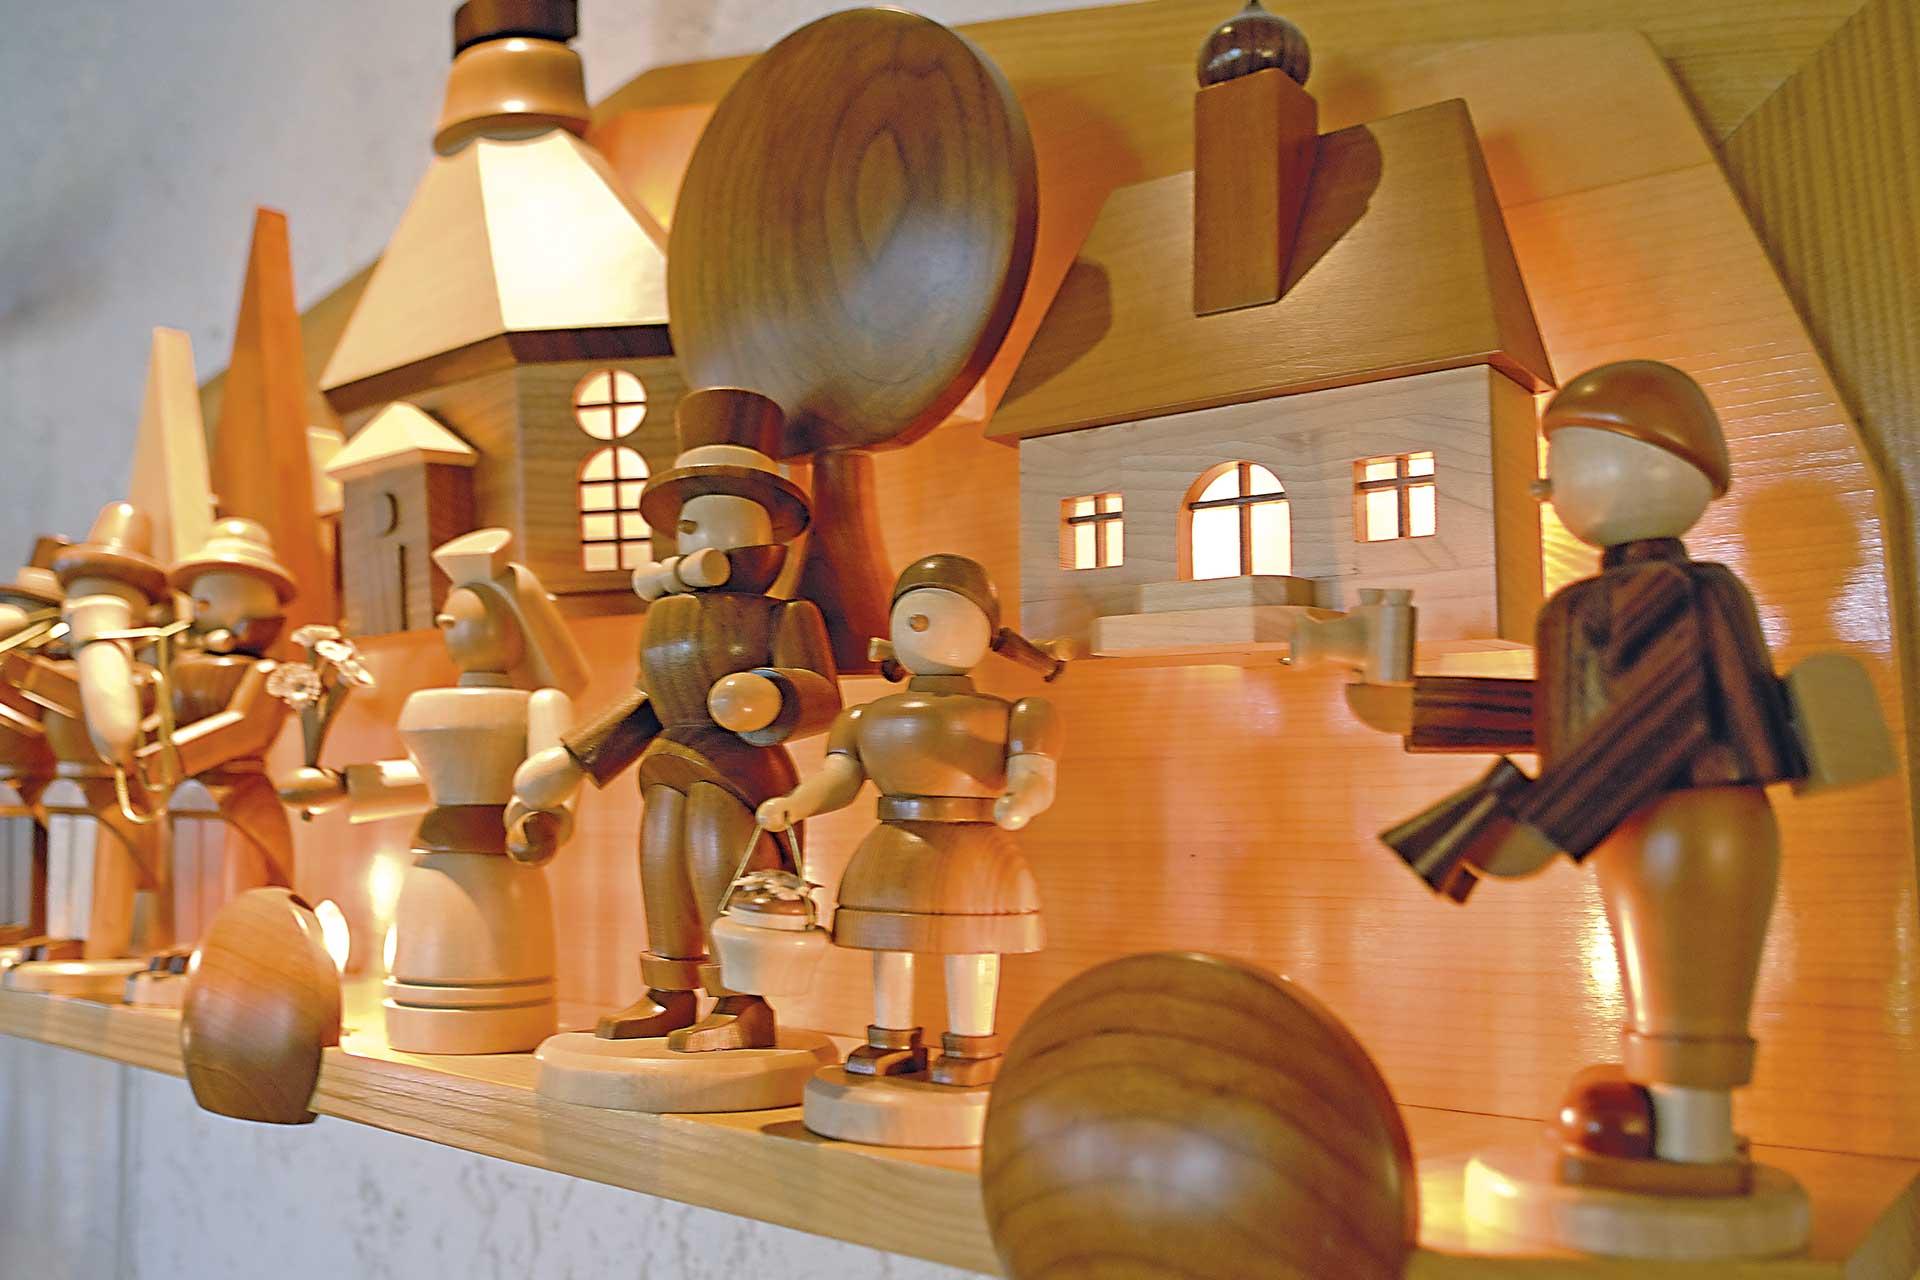 hotel-berghof-holzkunst-figuren